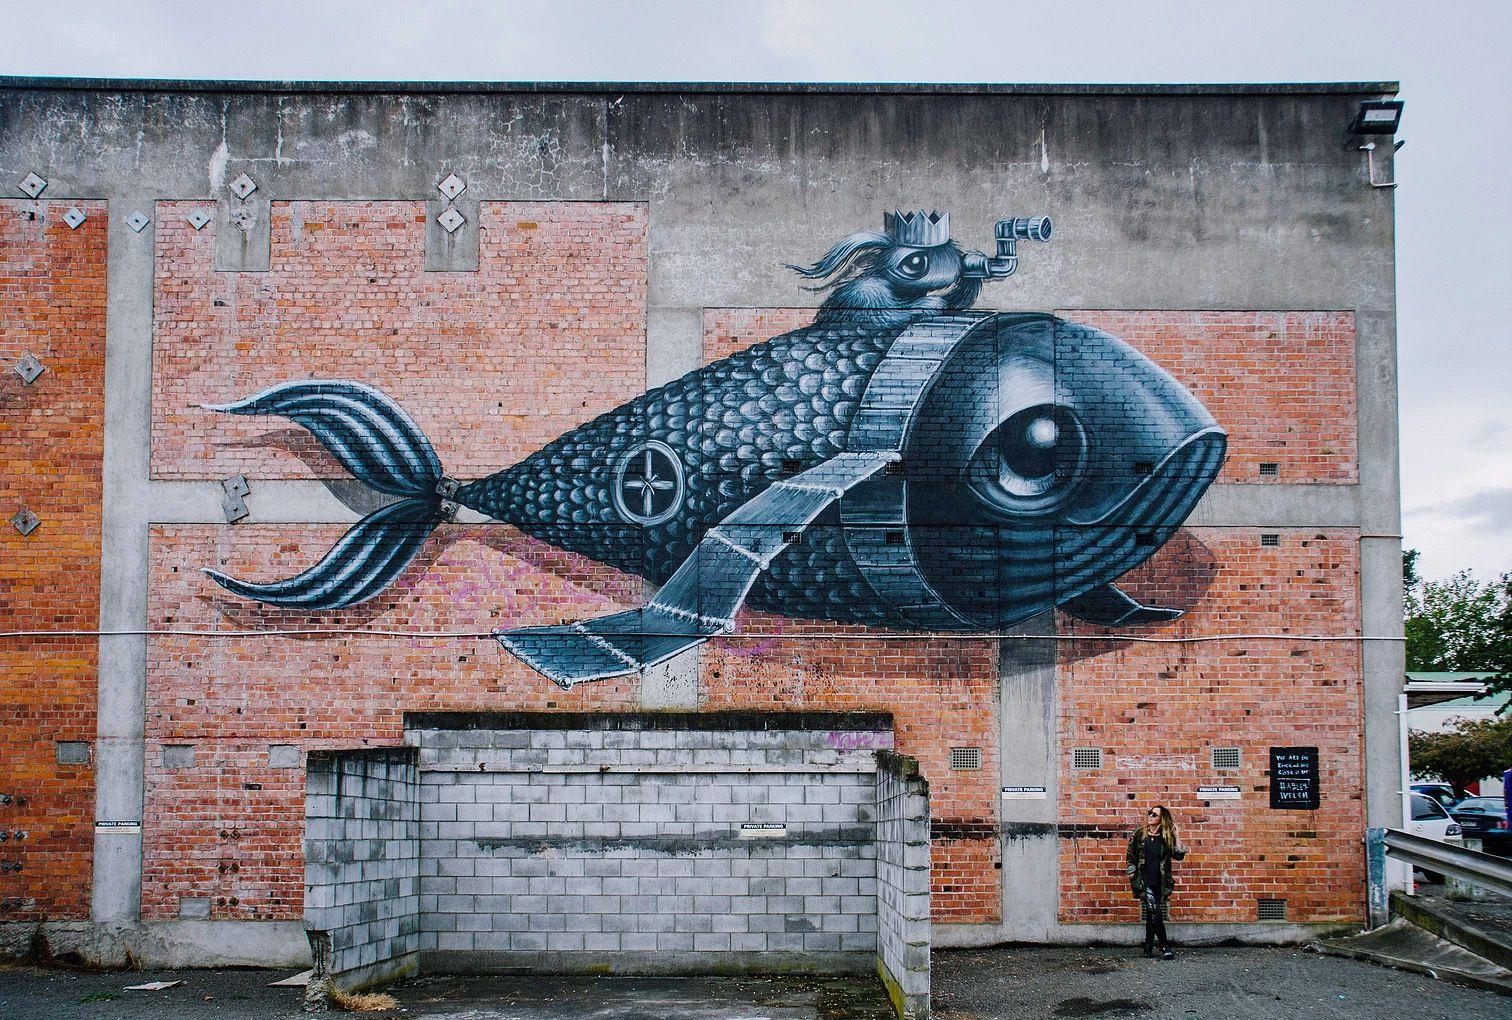 墙绘作品街头随处可见,这样富有想象力的墙绘作品才叫街头艺术